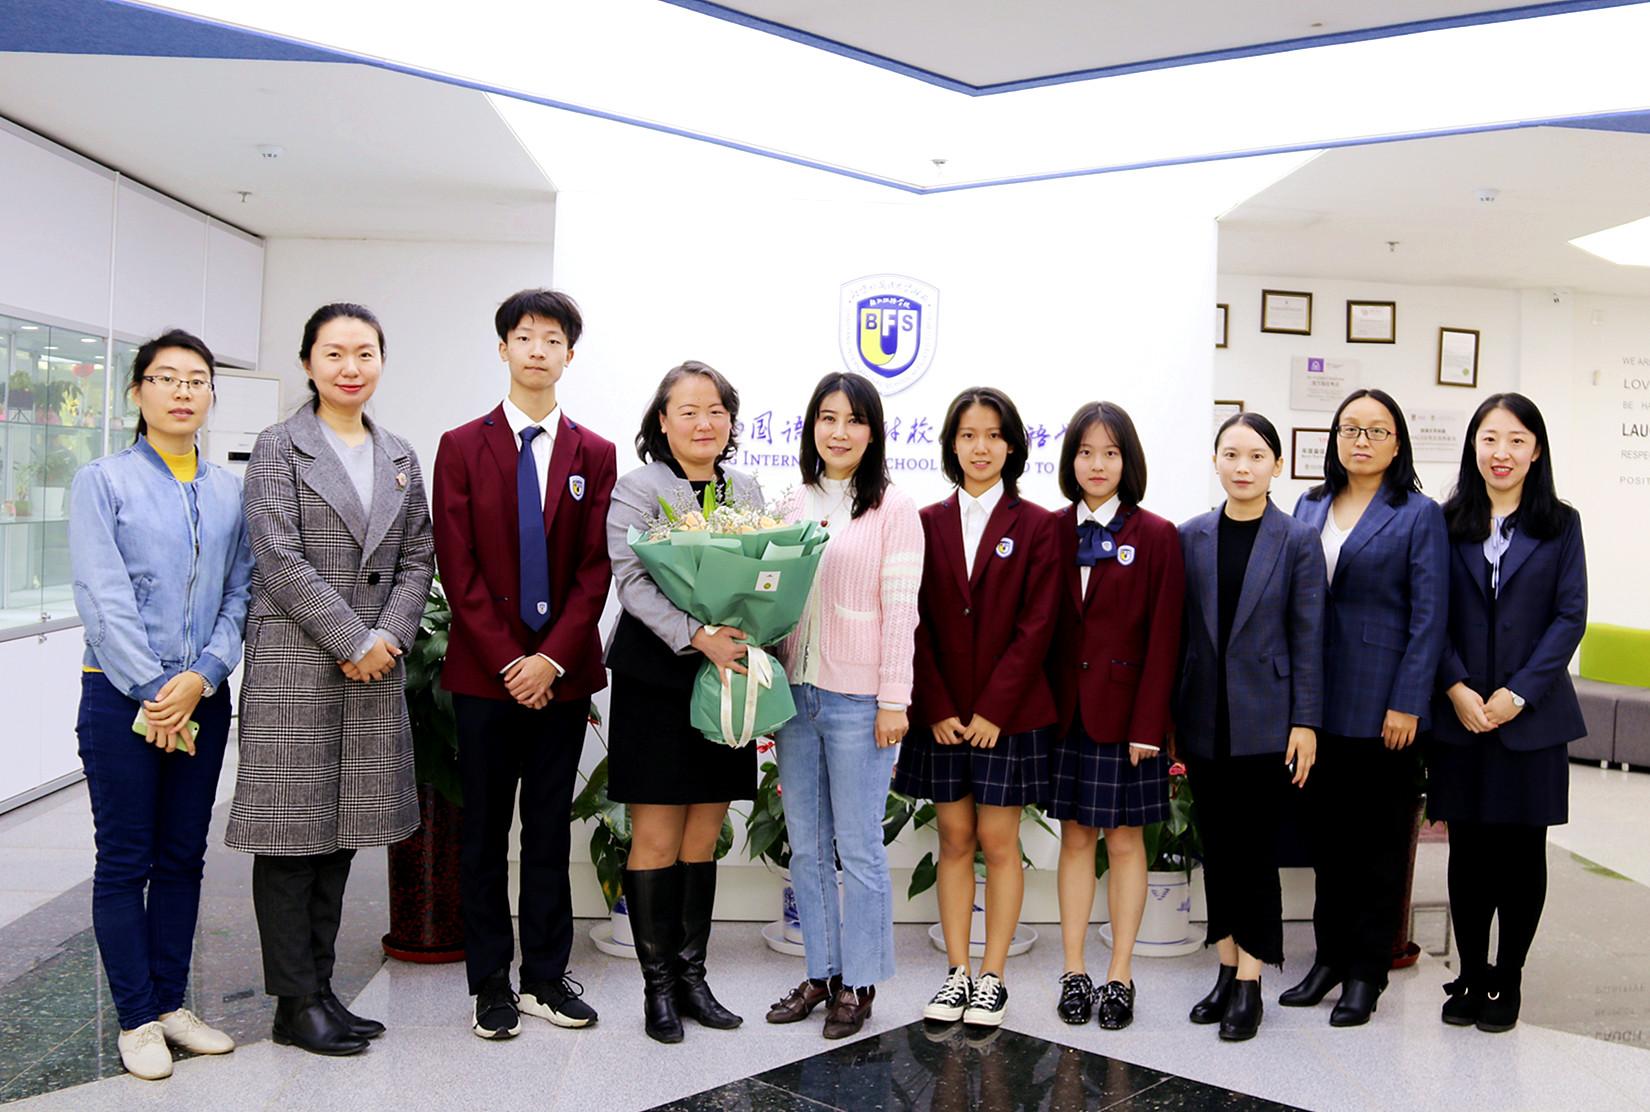 国际合作∣,加拿大维多利亚教育局国际处官员到访我校,为学生带来精彩的升学讲座